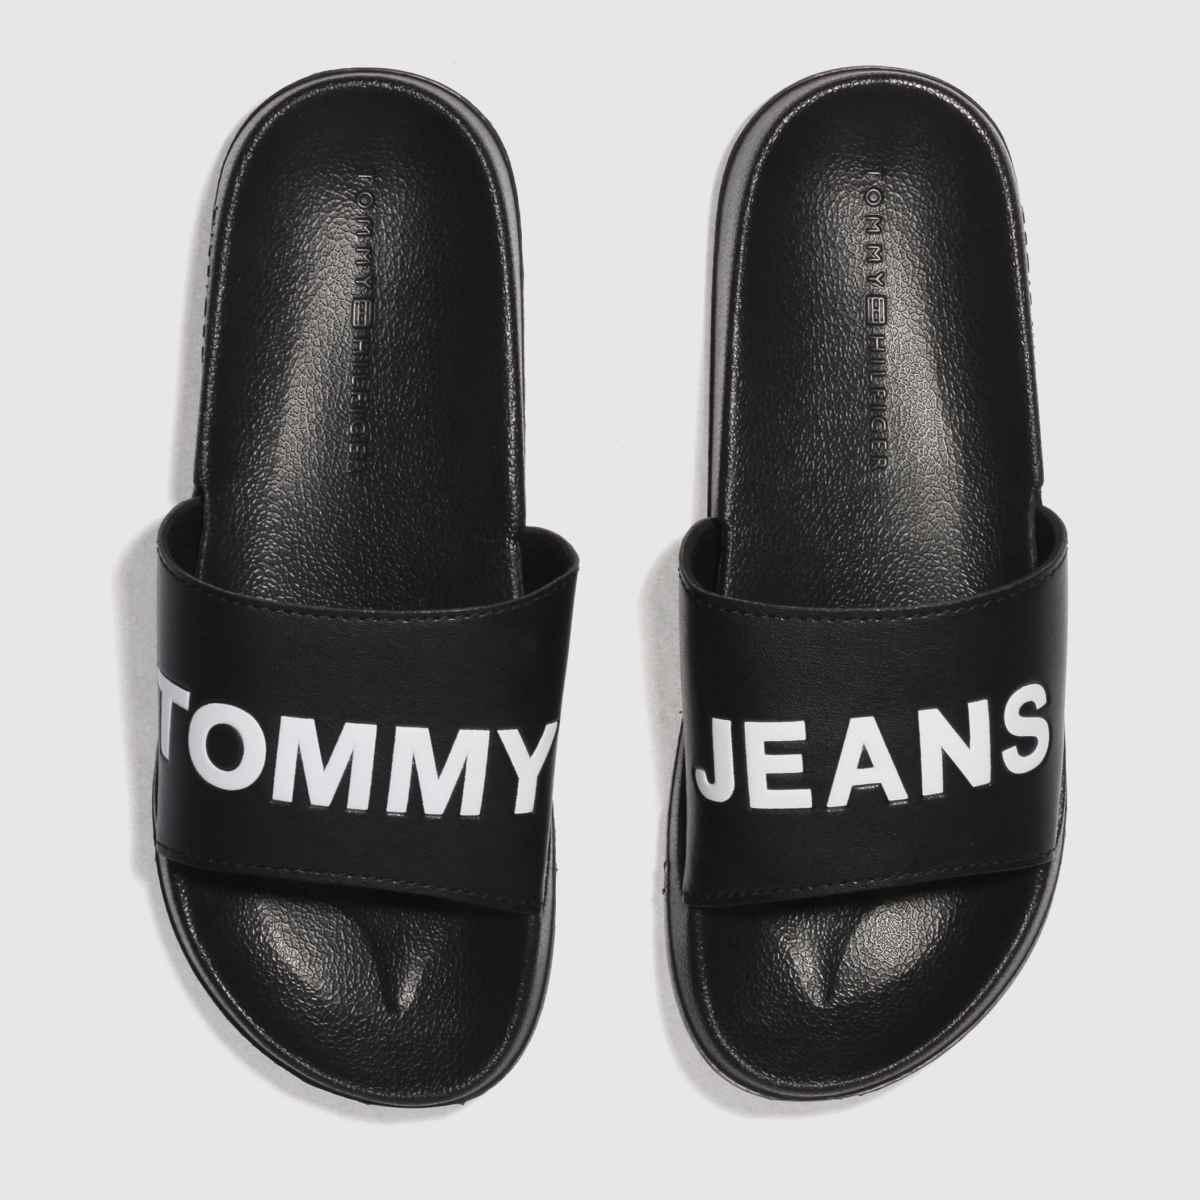 Tommy Hilfiger Black & White Tj Pool Slide Sandals